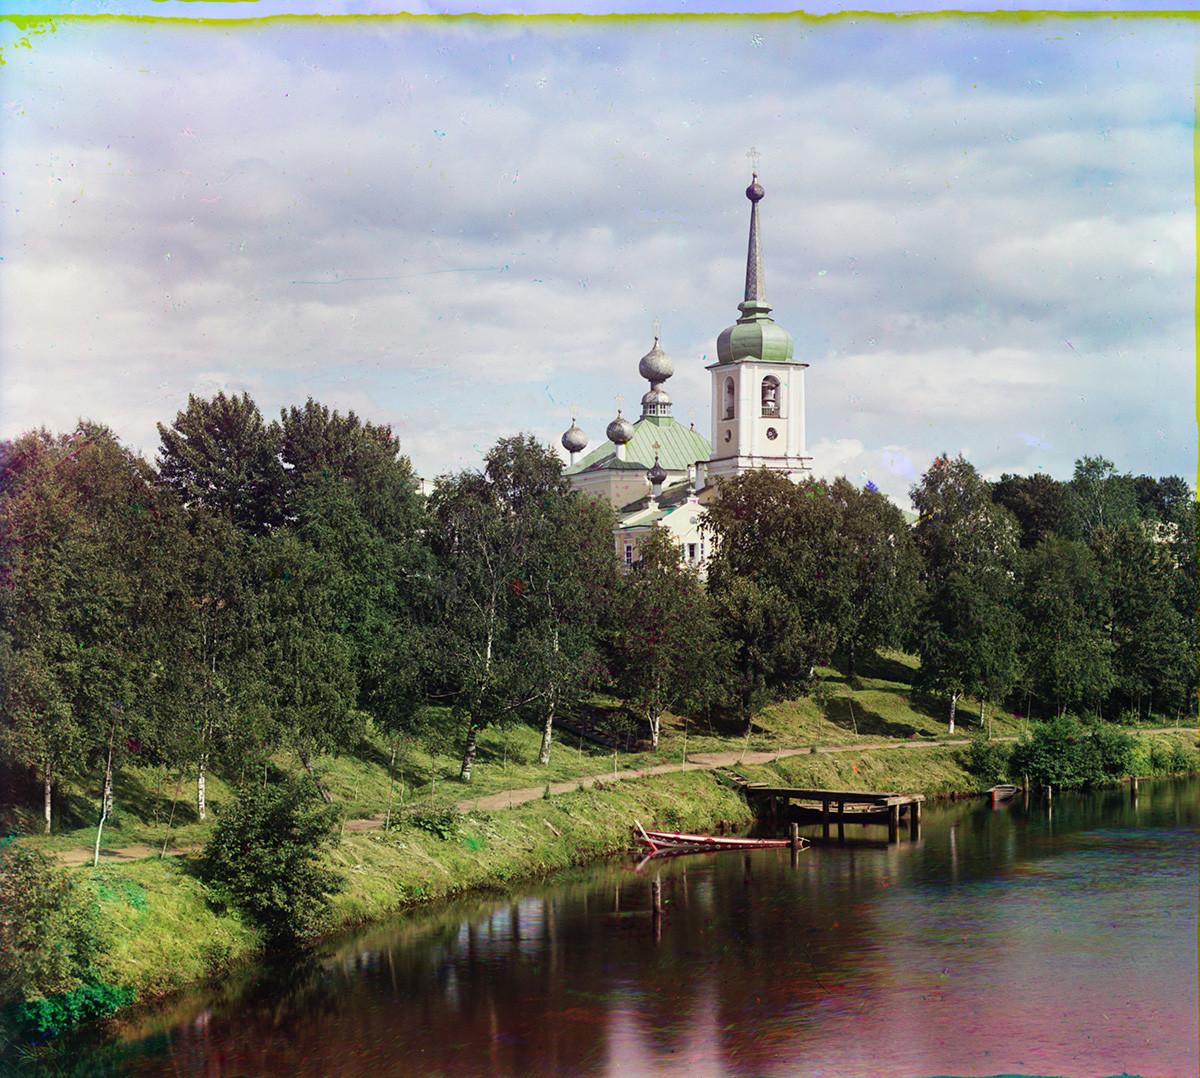 Rivière Vytegra. Vue du pont Sivers avec le chemin de halage de l'écluse Saint-Serge. Arrière-plan: clocher et cathédrale de la Résurrection (1796-1800), vue nord-ouest. Été 1909